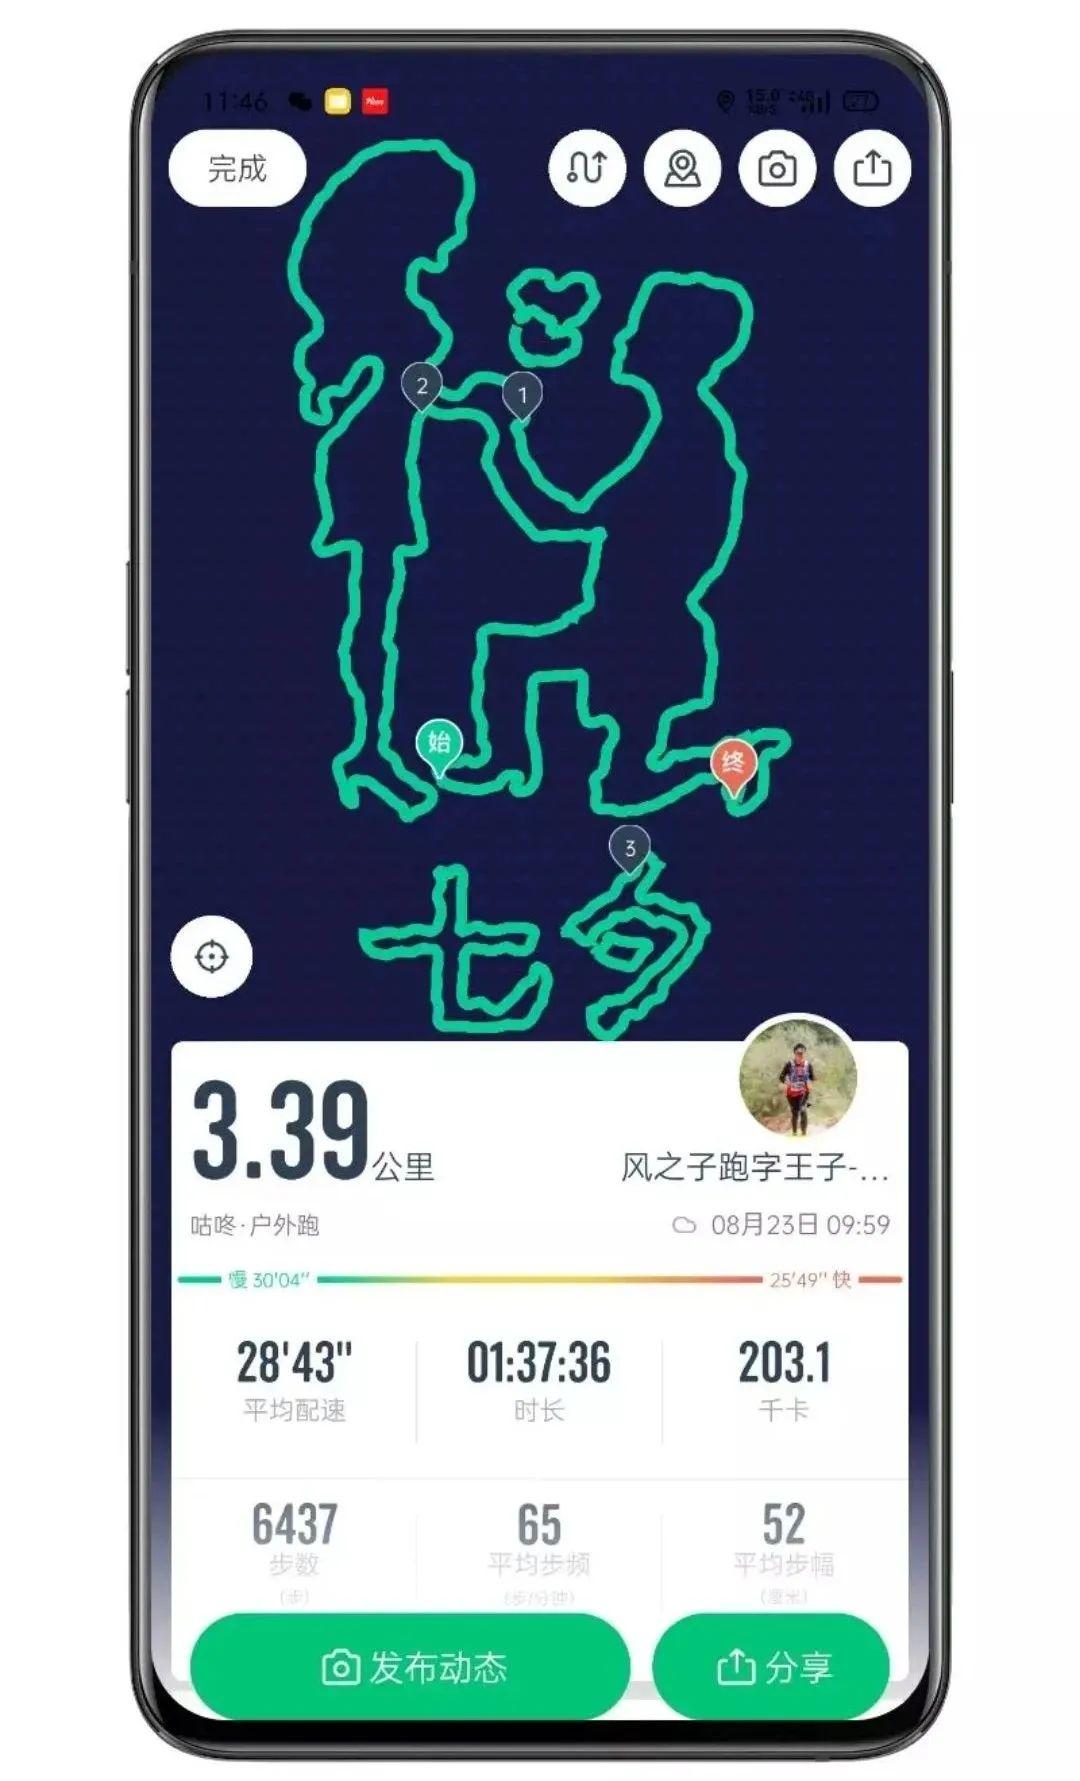 听障小伙靠跑步轨迹画达叔:用汗水代替泪水,这是跑者的最高致敬…